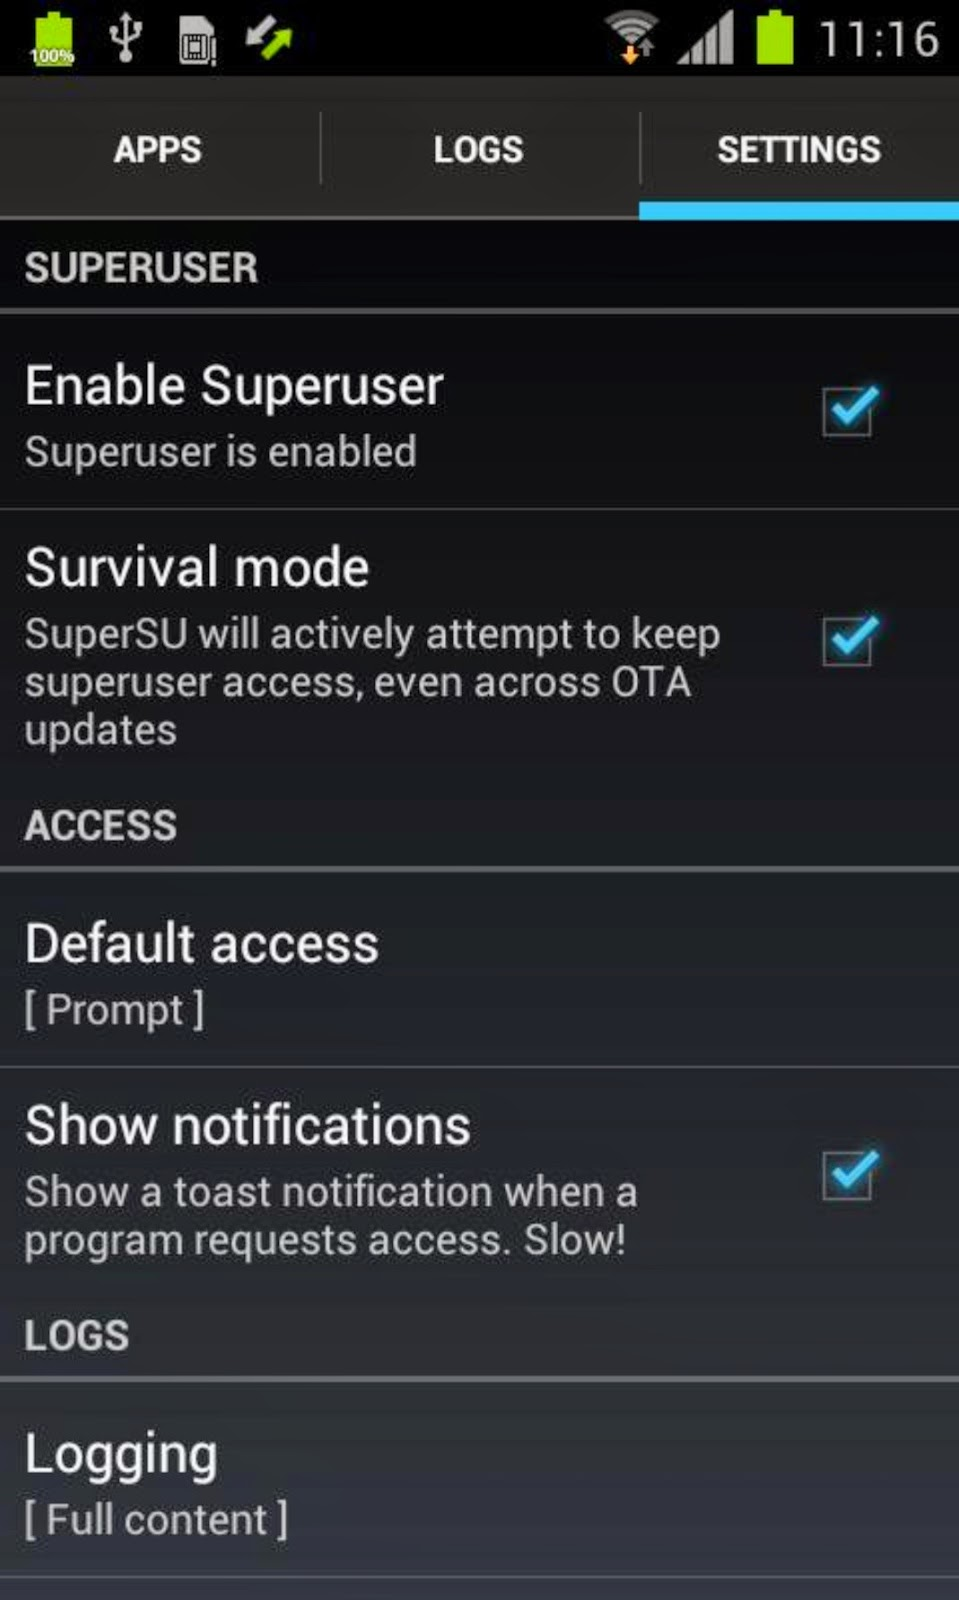 SuperSU Pro Key APK